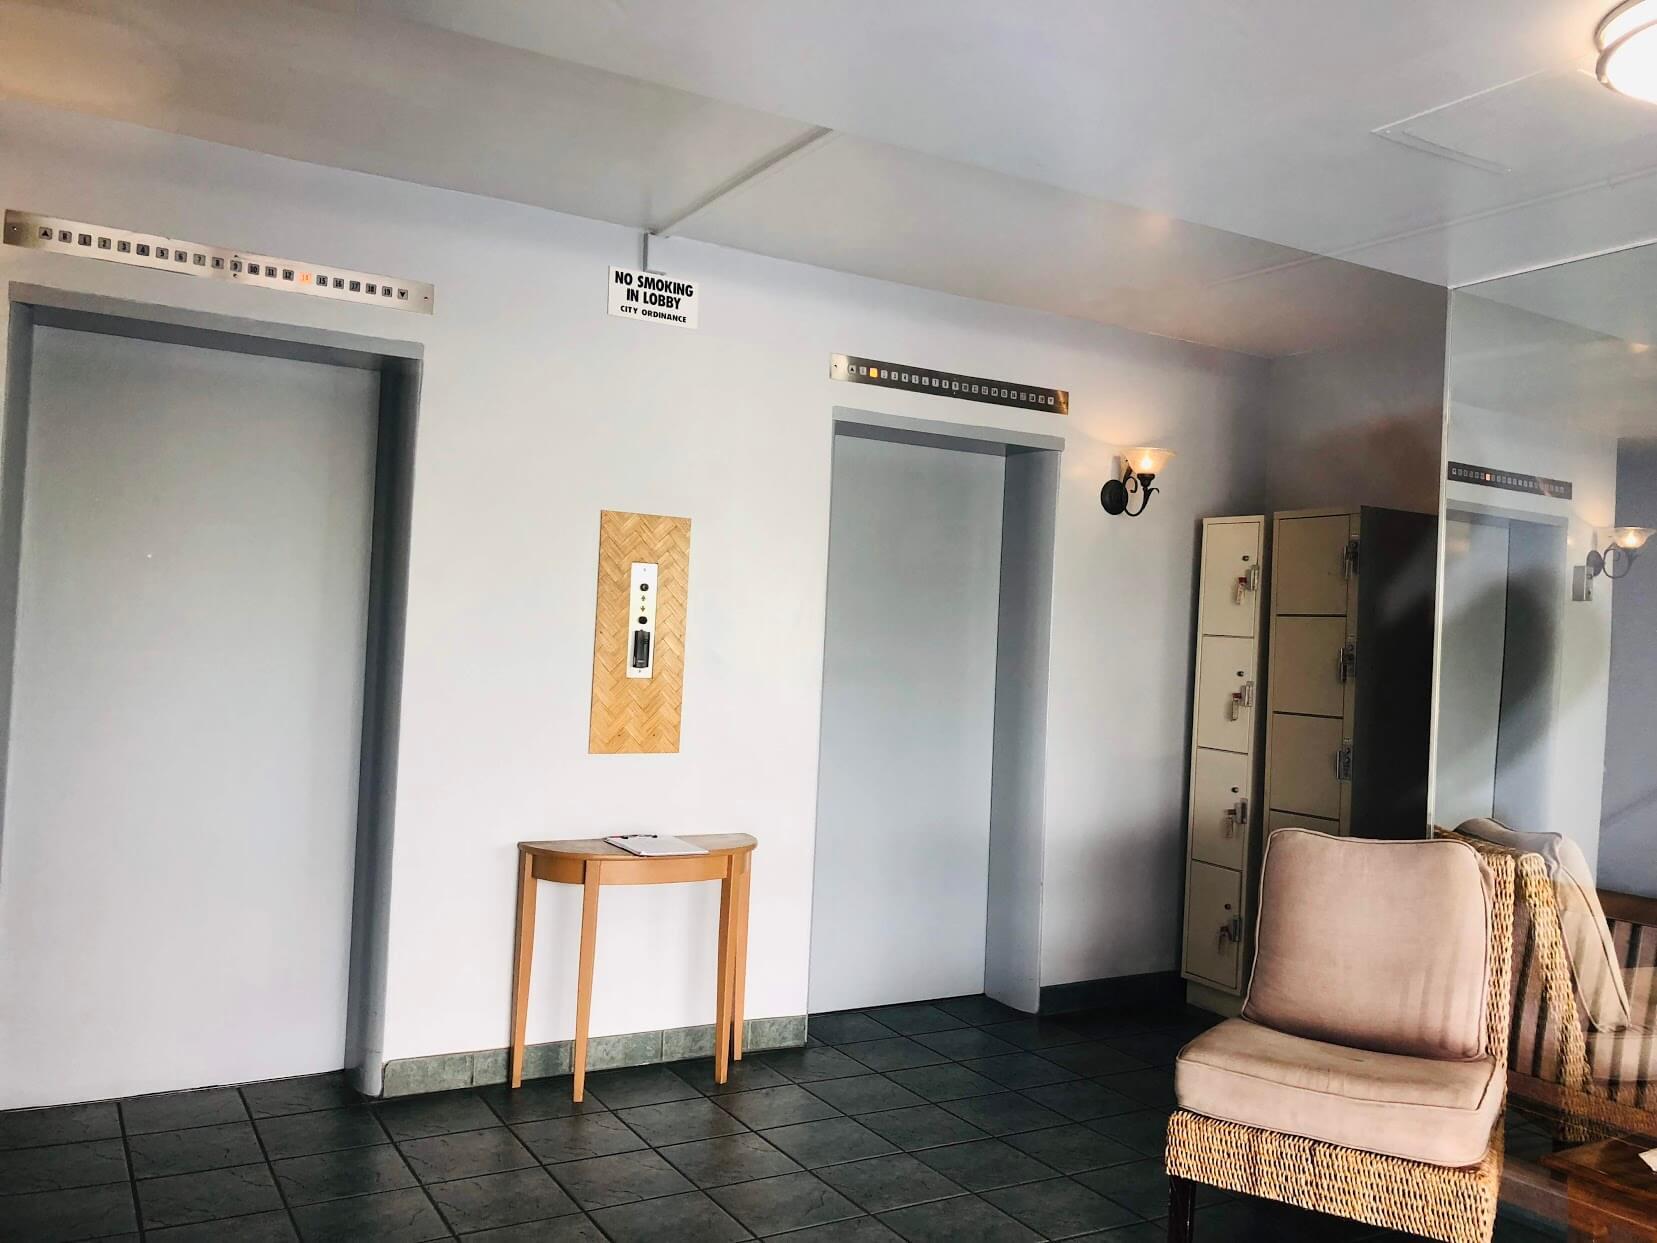 2233 Ala Waiのエレベーター